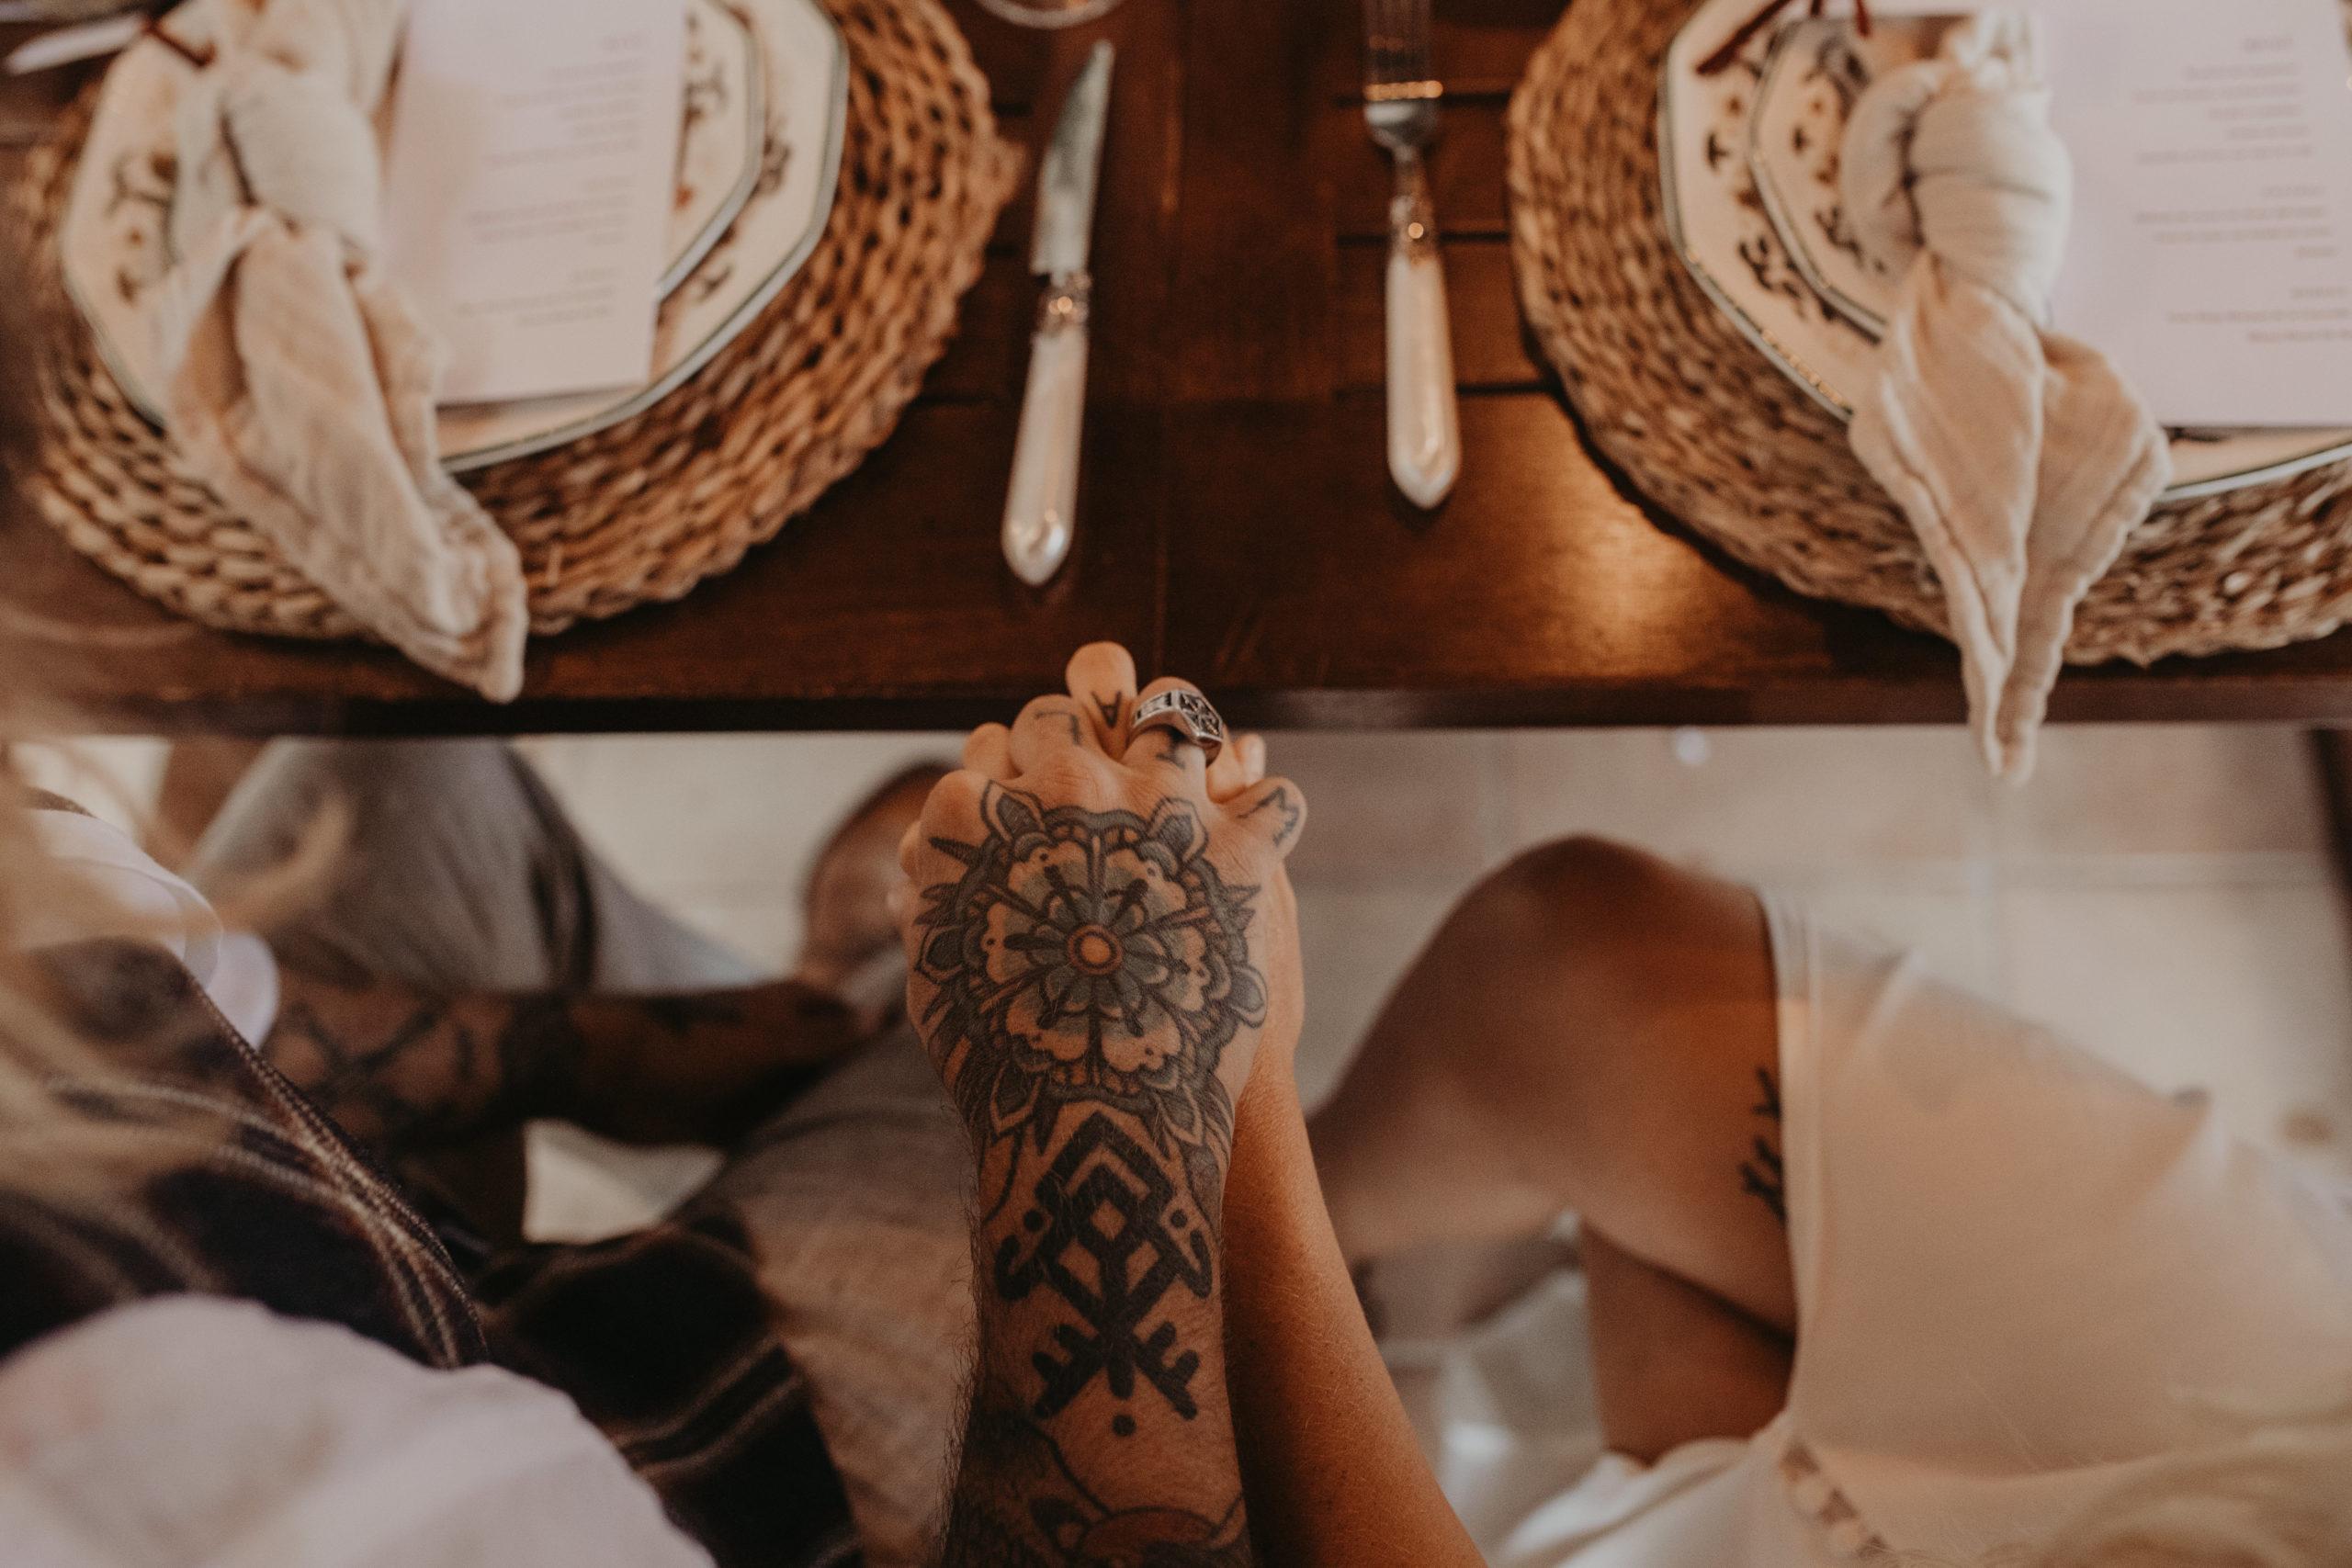 Novios tatuados cogiéndose de la mano